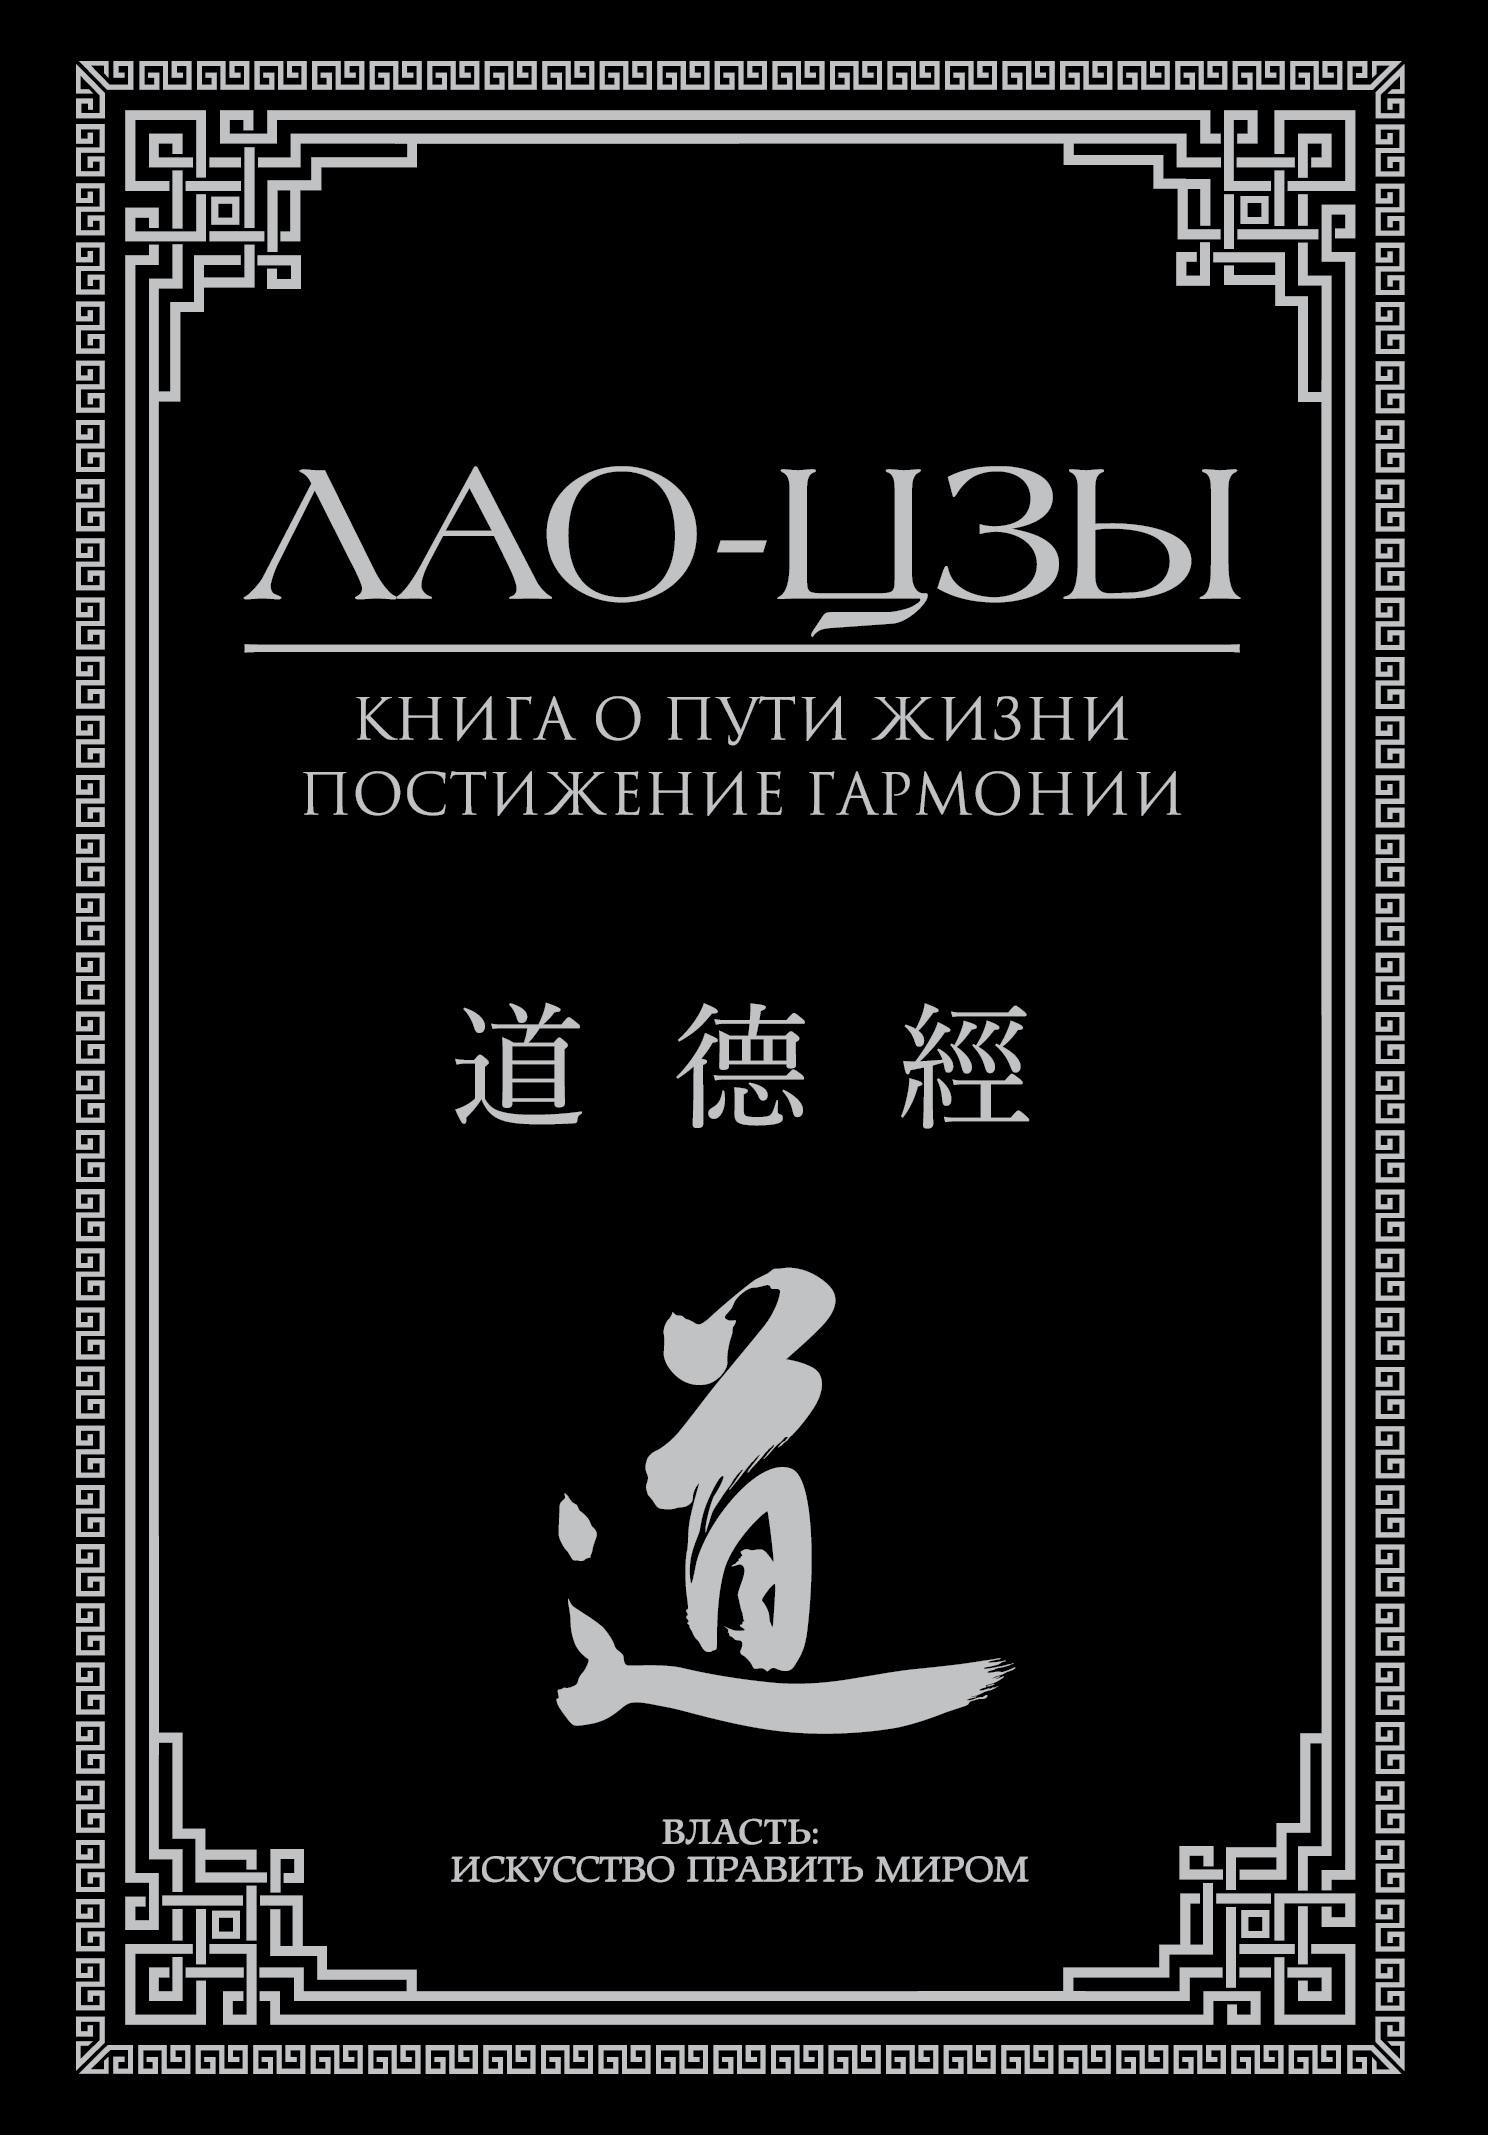 Лао-цзы Книга о пути жизни. Постижение гармонии алан флауэр симон маг повесть об античном волшебнике лао цзы мастер тайных искусств поднебесной империи